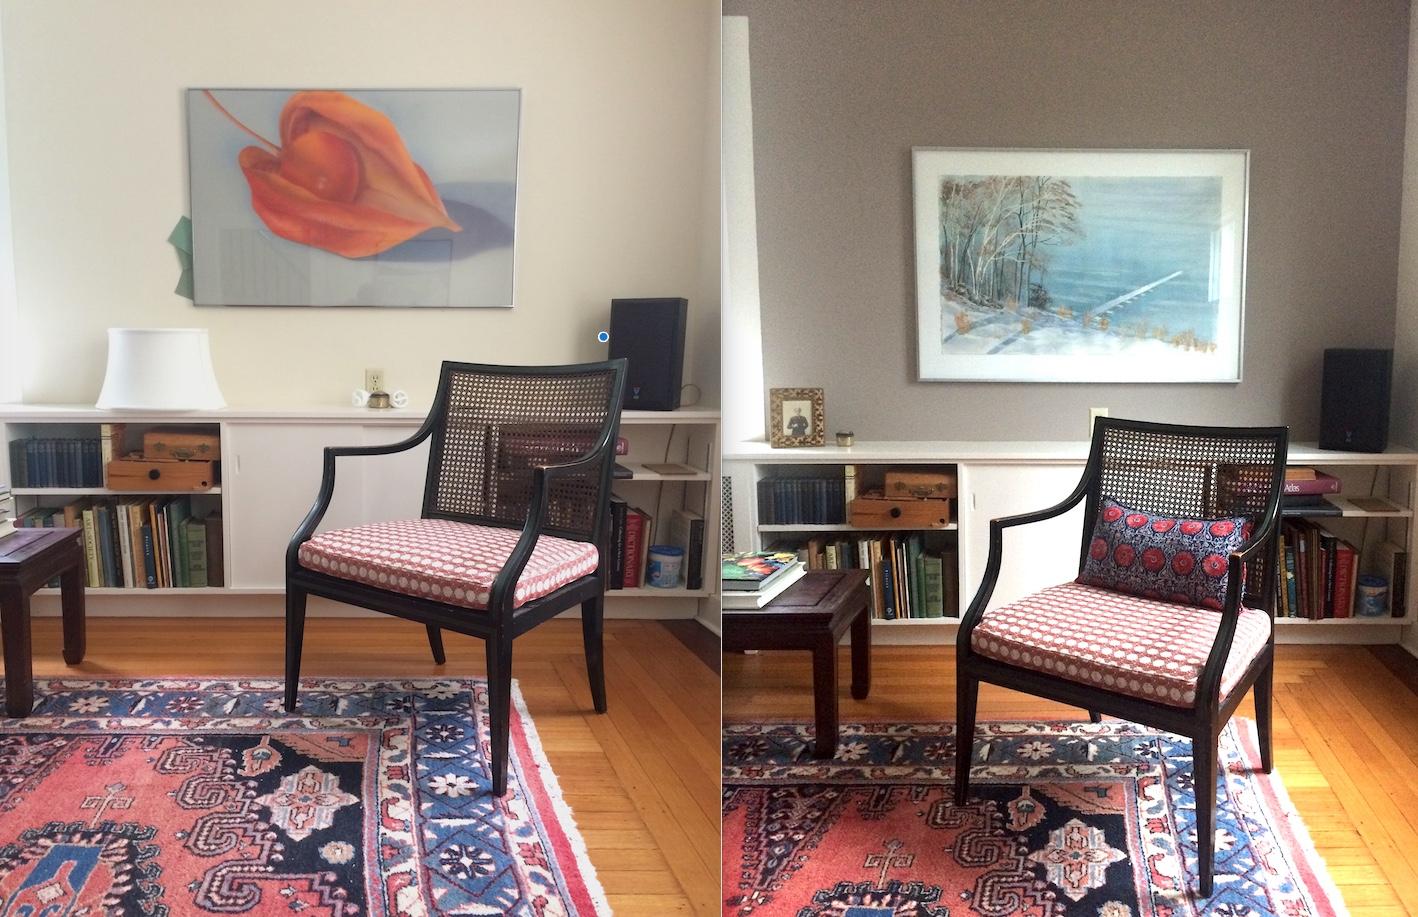 winder b+a chair paint art.jpeg